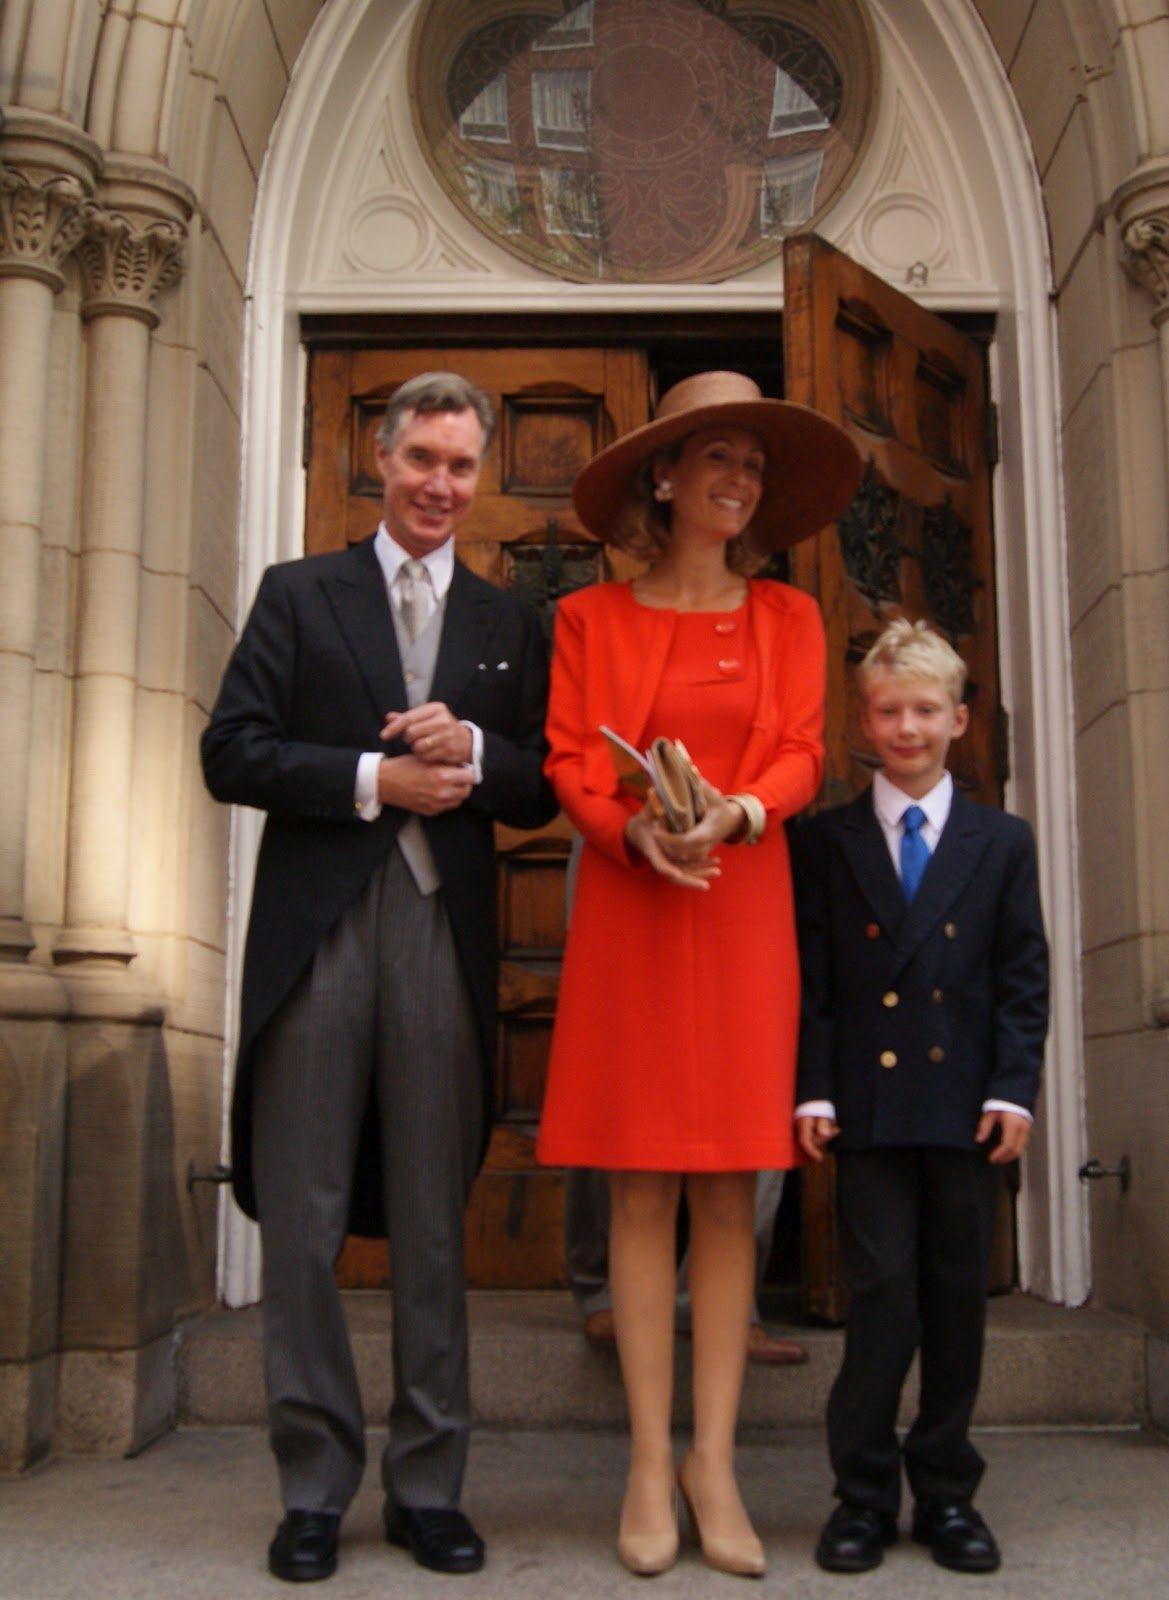 Washington's Imperial Wedding Archduke Imre and Kathleen